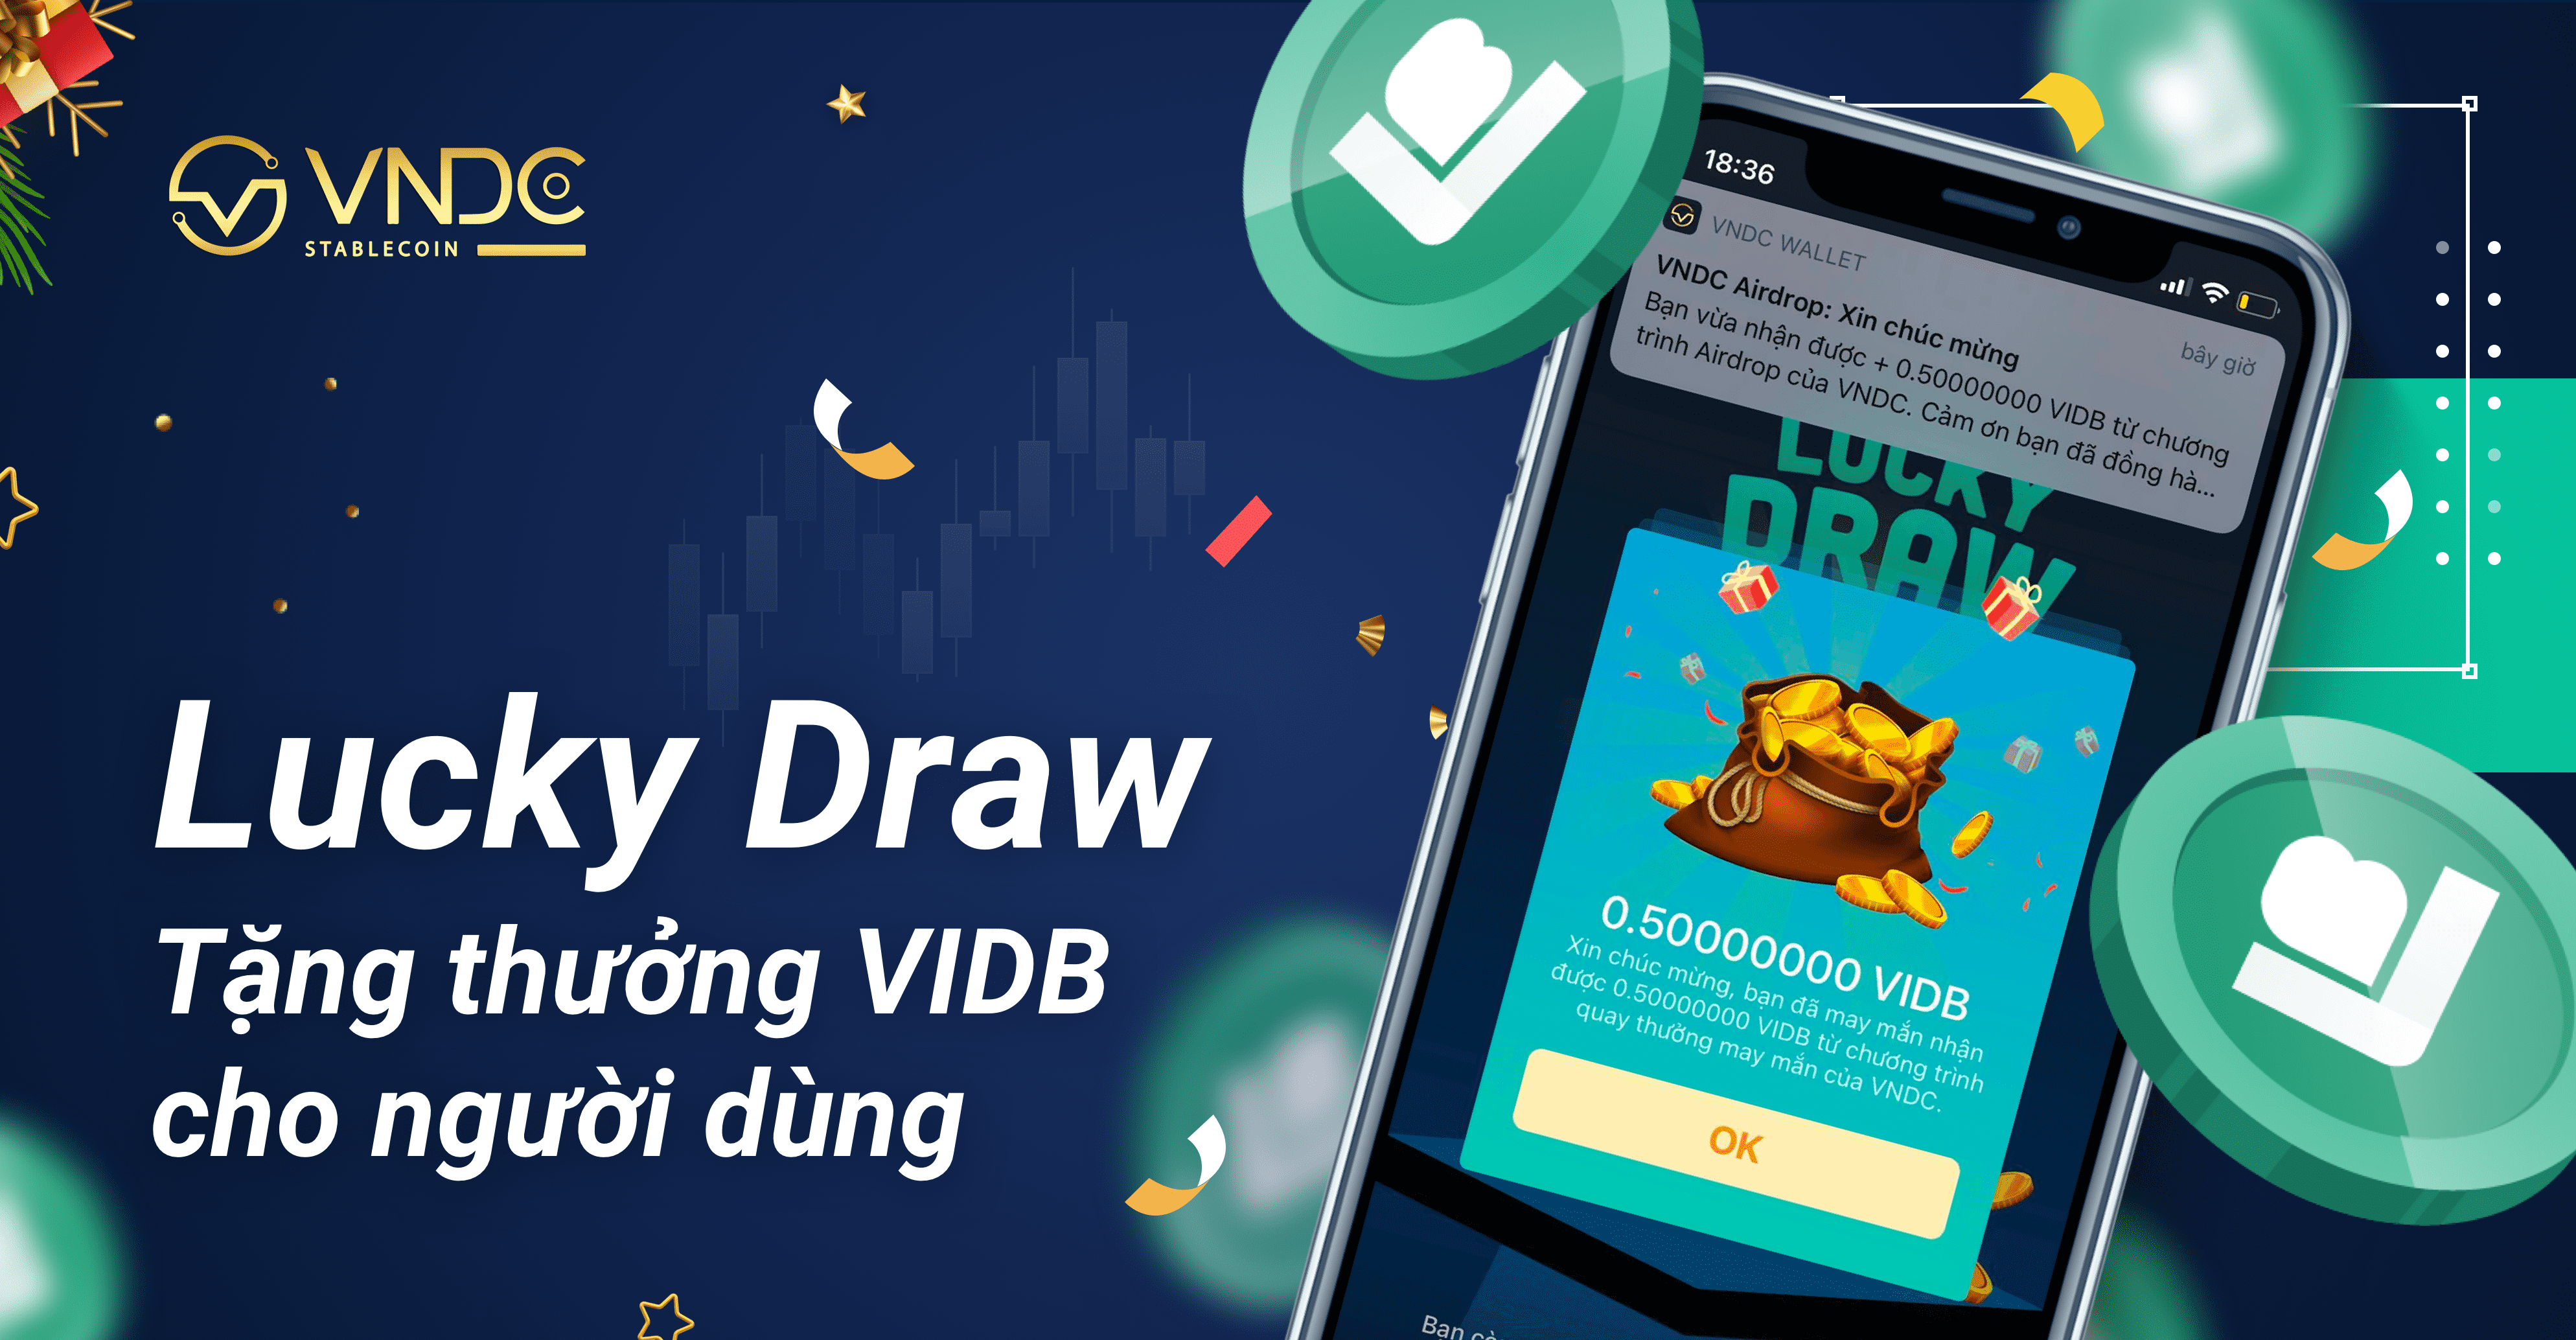 Lucky Draw chào năm mới: Tặng thưởng 500,000 VIDB cho người dùng